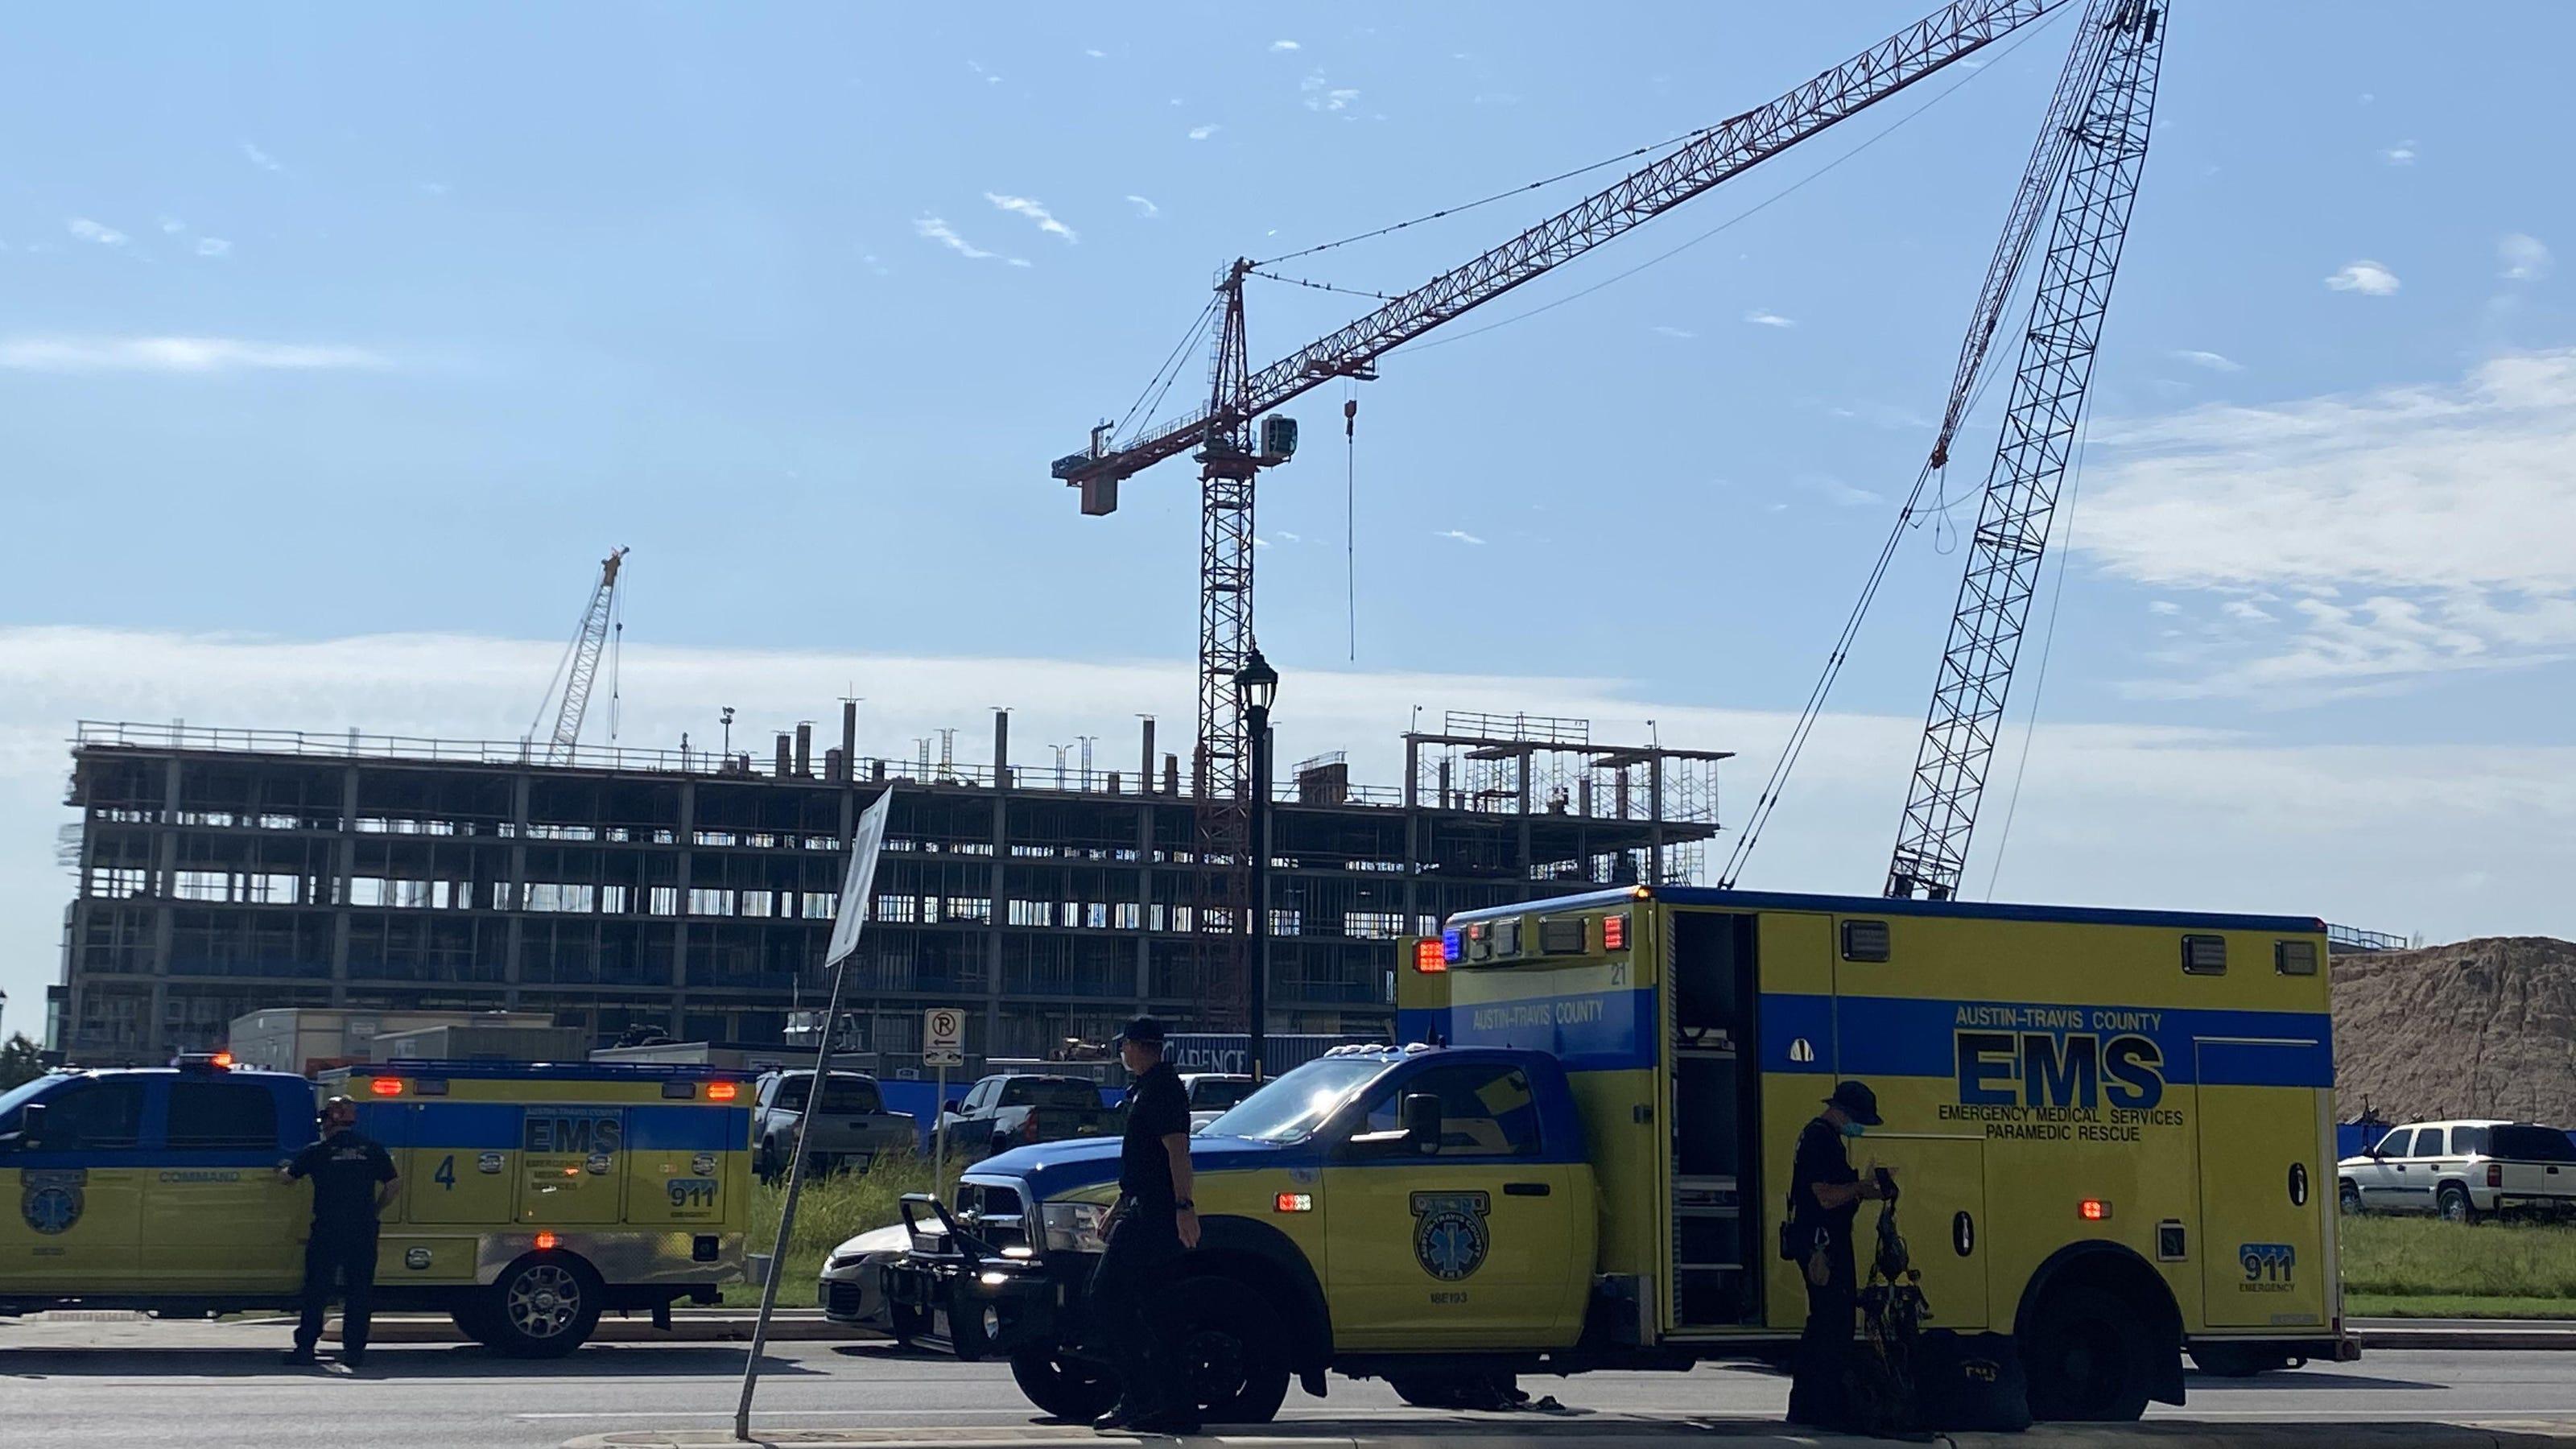 Austin crane collision leaves at least 20 injured, medics ...